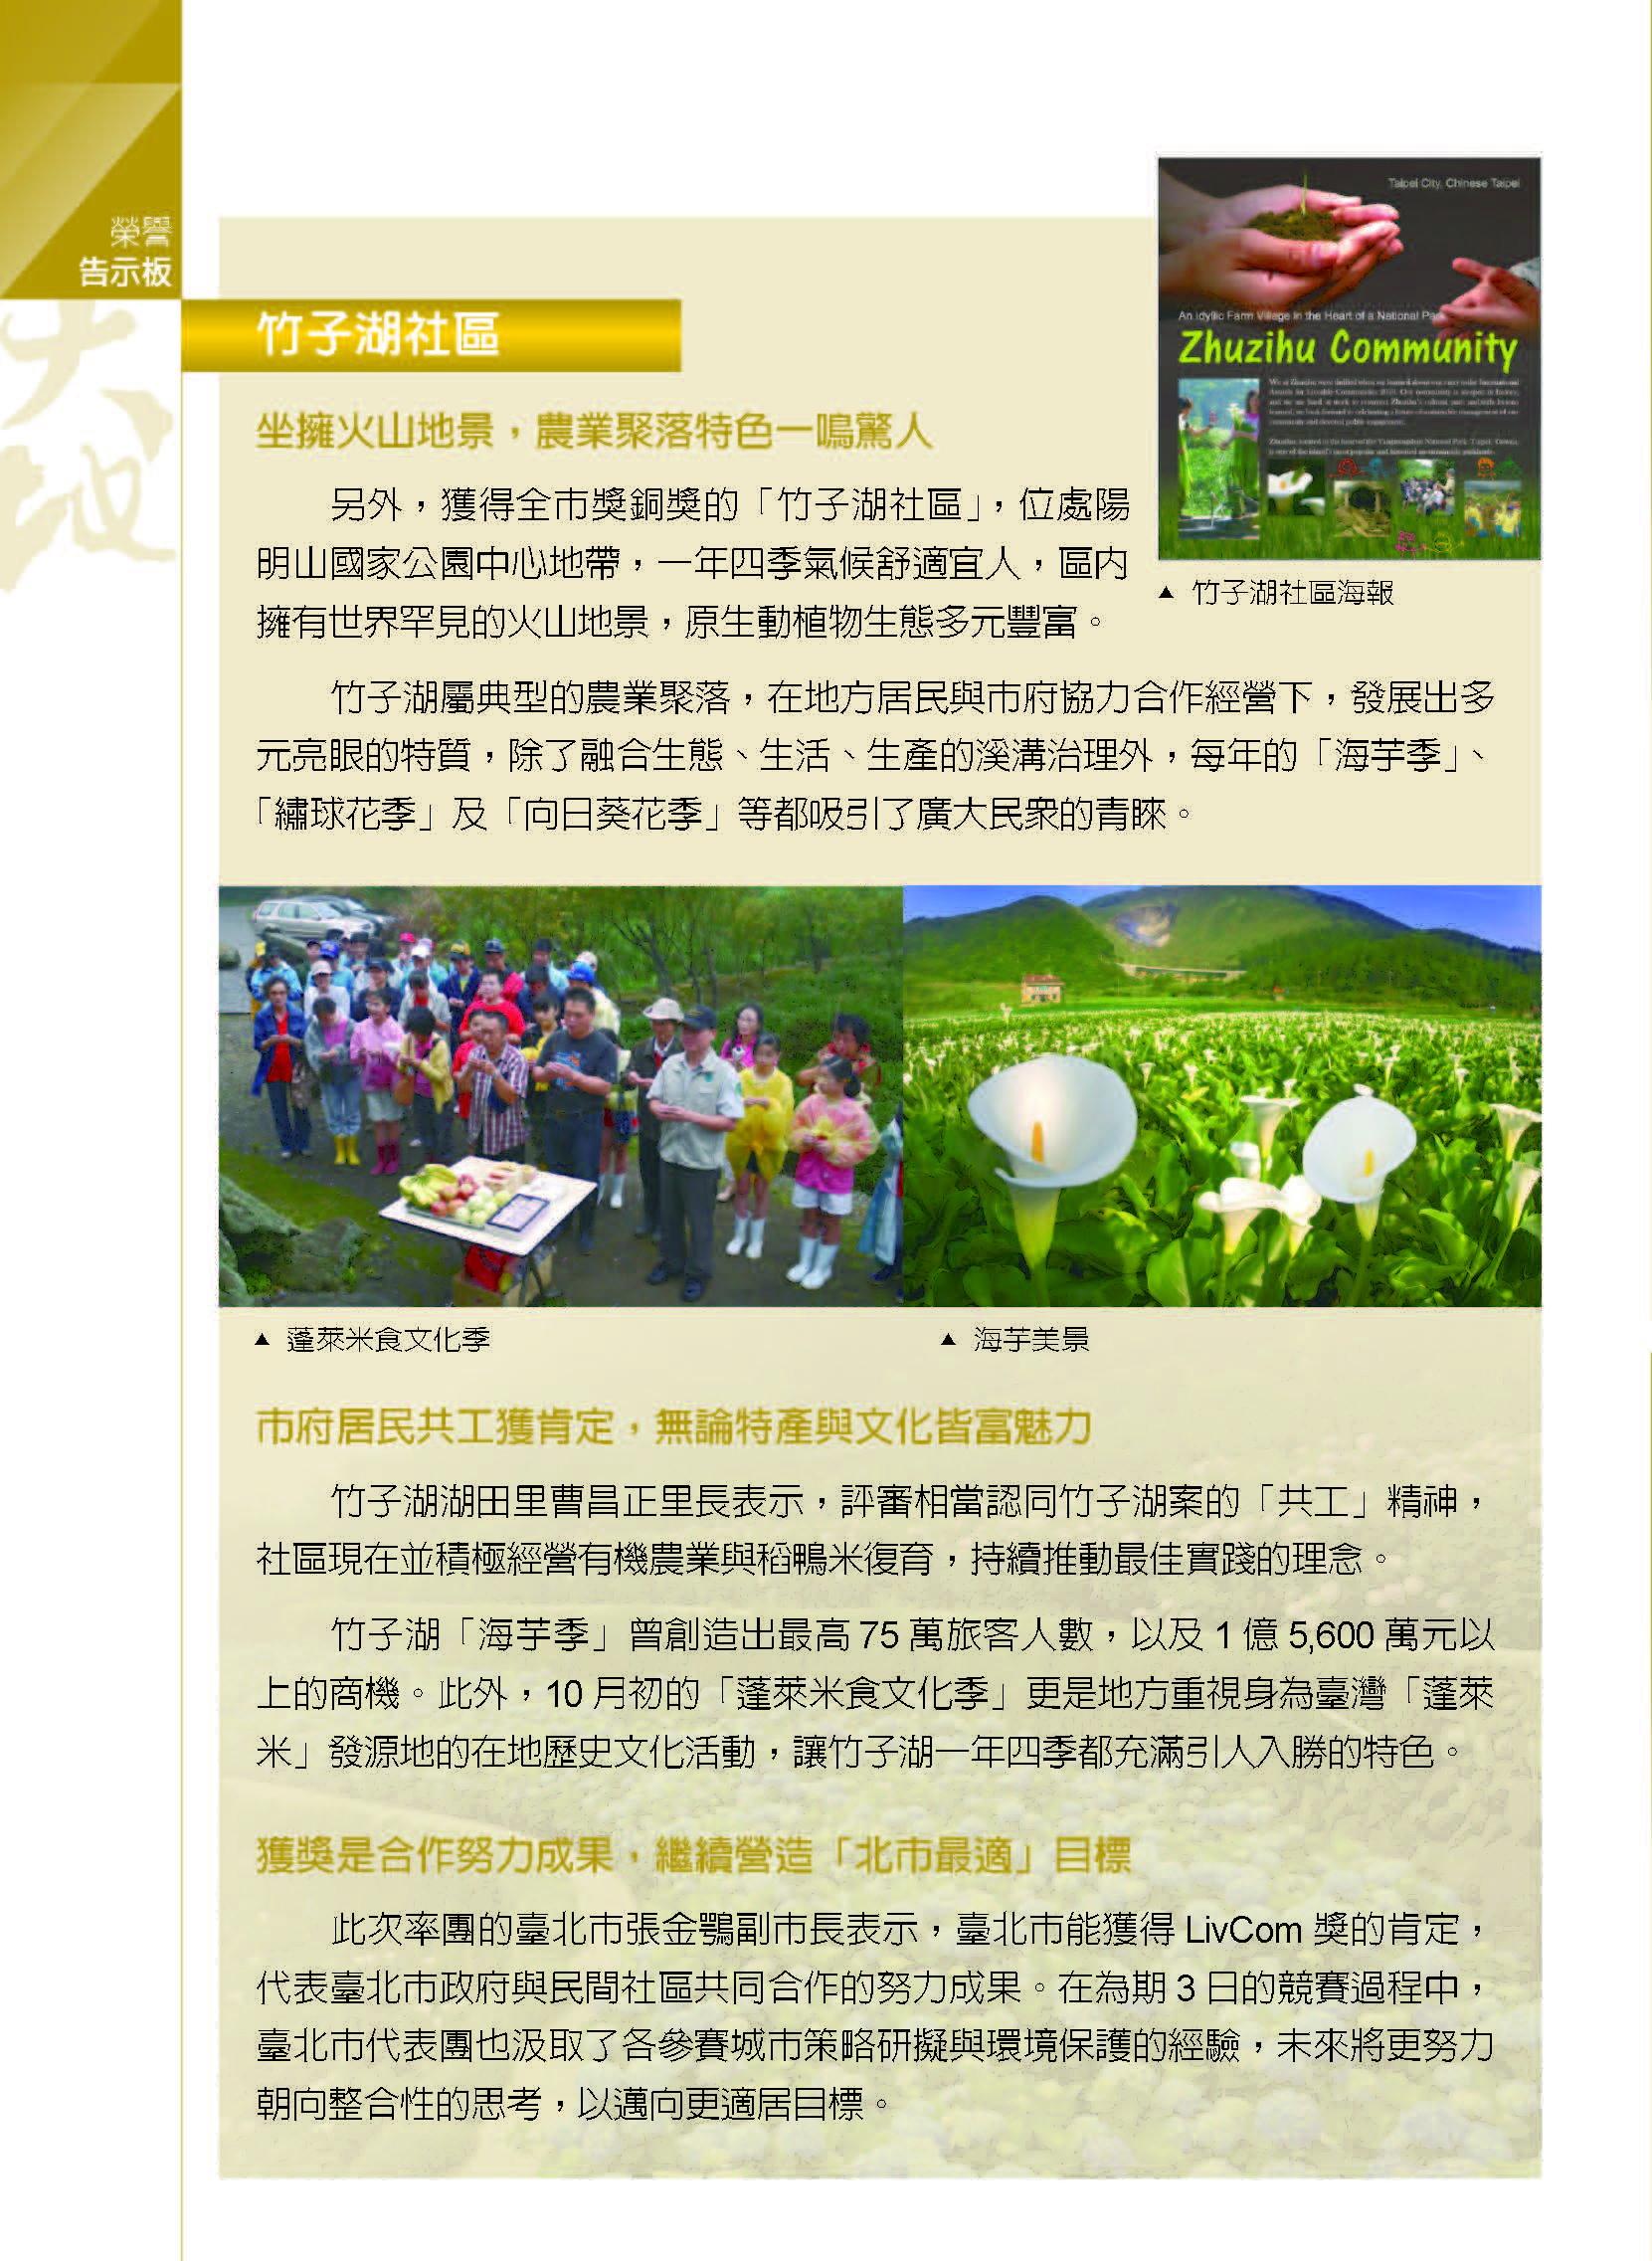 2012年LivCom國際最適宜居住社區獎 資料來源:大地季刊no.7